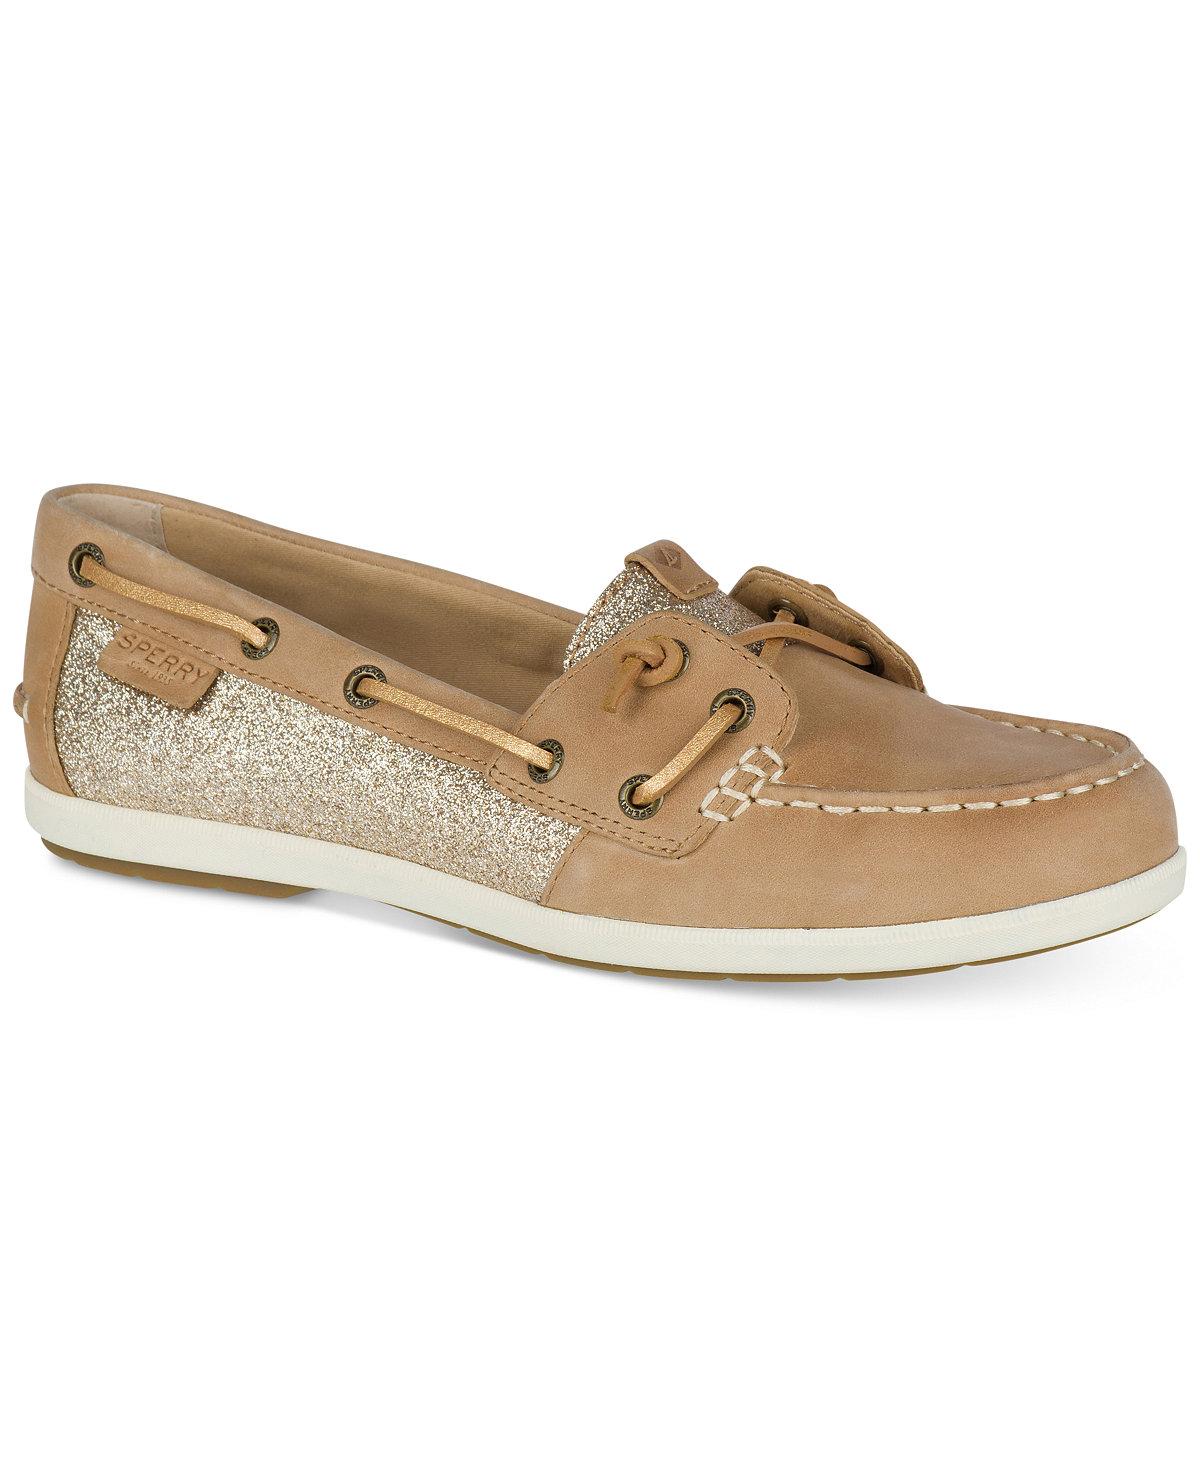 Macy S Flash Sale Shoes